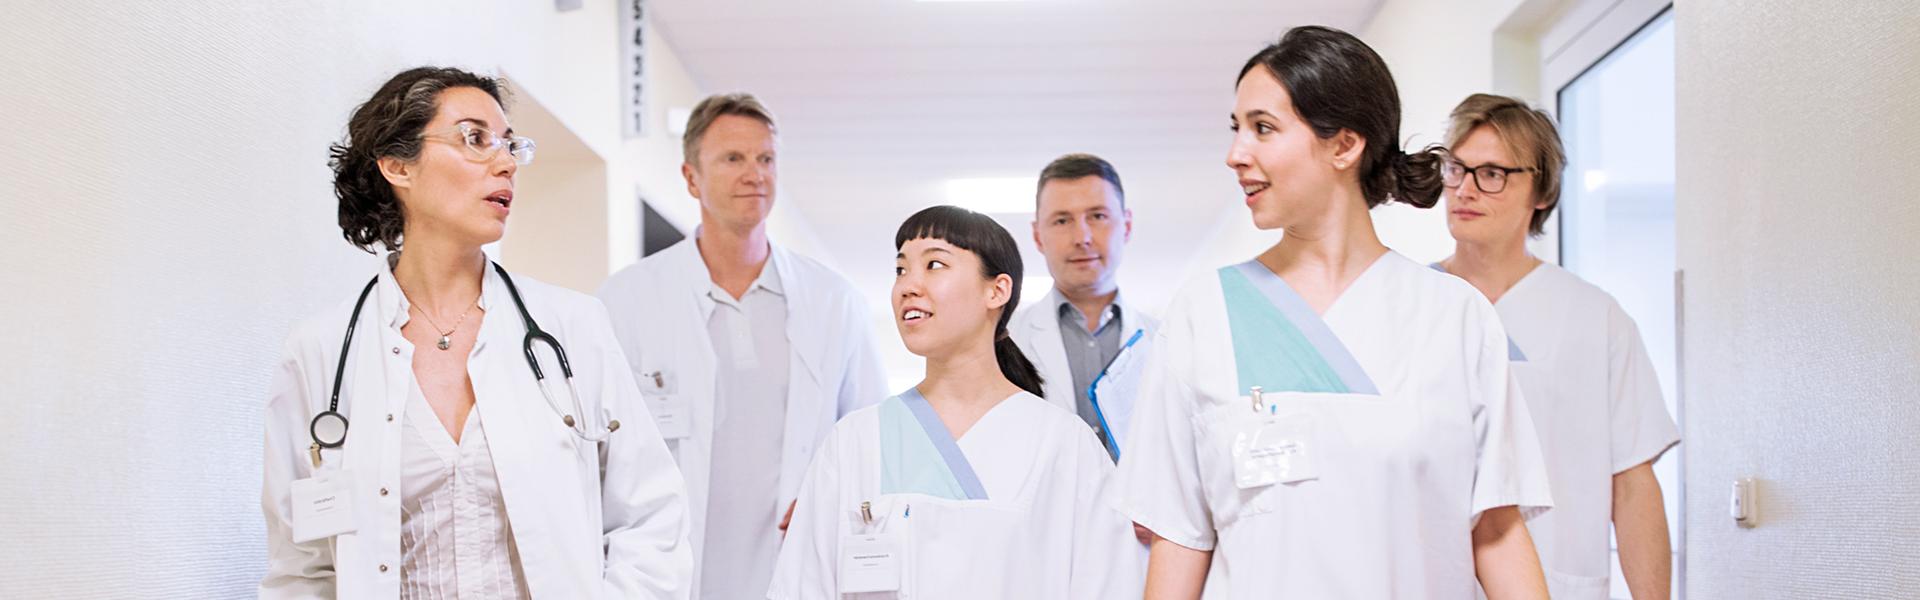 Foto: EZ CALL IP hat eine beeindruckende Auswahl an Displays zu bieten. Sie lassen sich auf vielfältige Weise einsetzen und werden damit auch Ihren Anforderungen in den Bereichen Krankenhaus- und Pflegekommunikation gerecht.